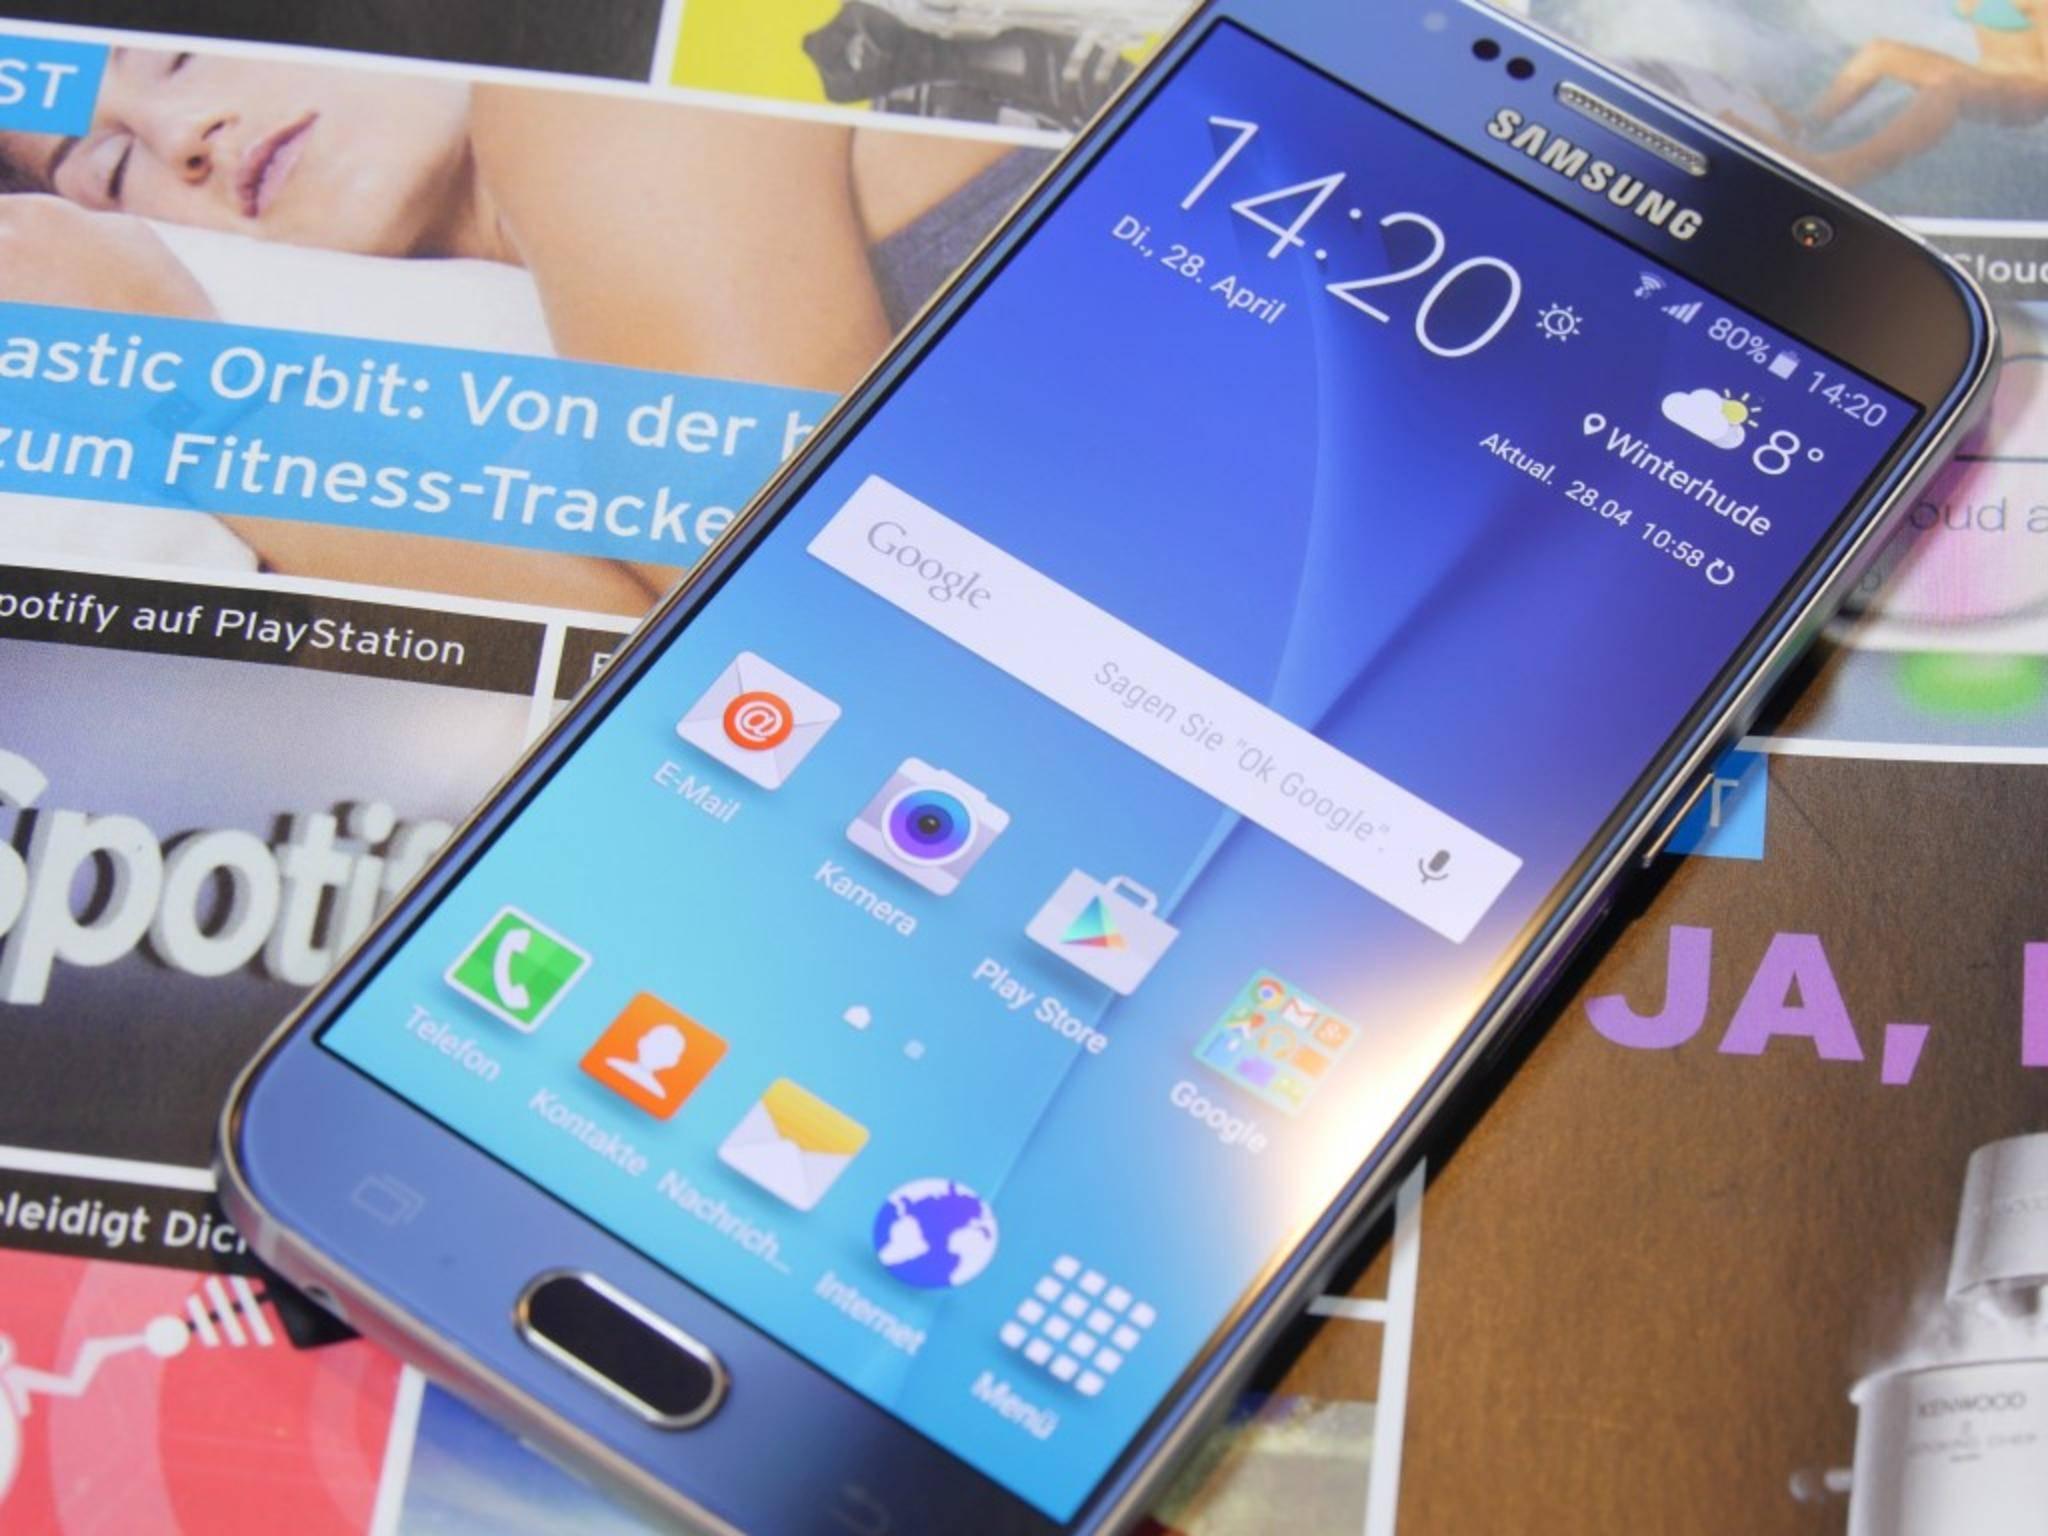 Das Galaxy S6 bekommt die erste Beta zu Android 6.0 Marshmallow.